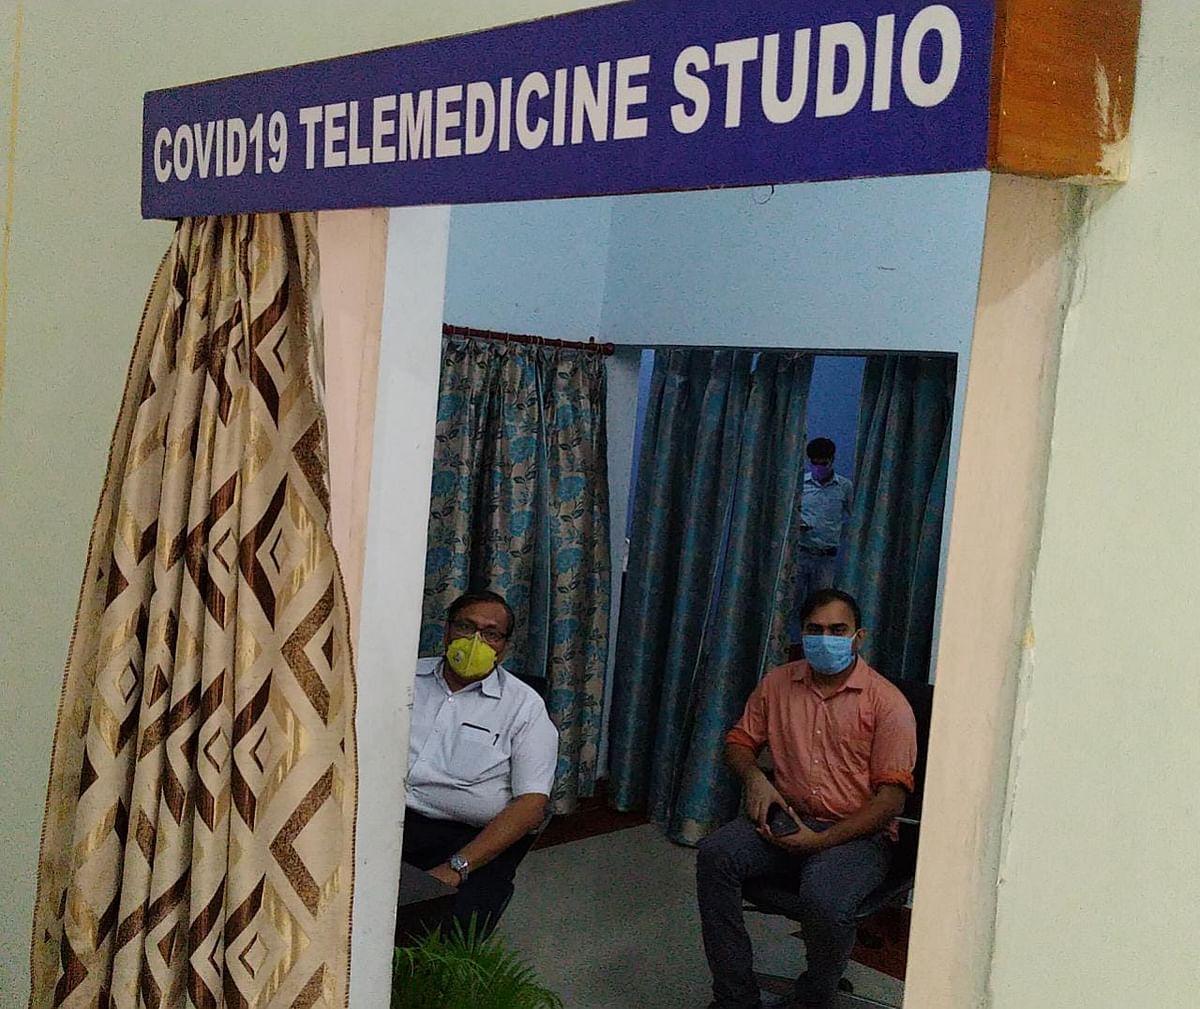 धनबाद सर्किट हाउस से कोविड - 19 टेलीमेडिसिन स्टूडियो का शुभारंभ